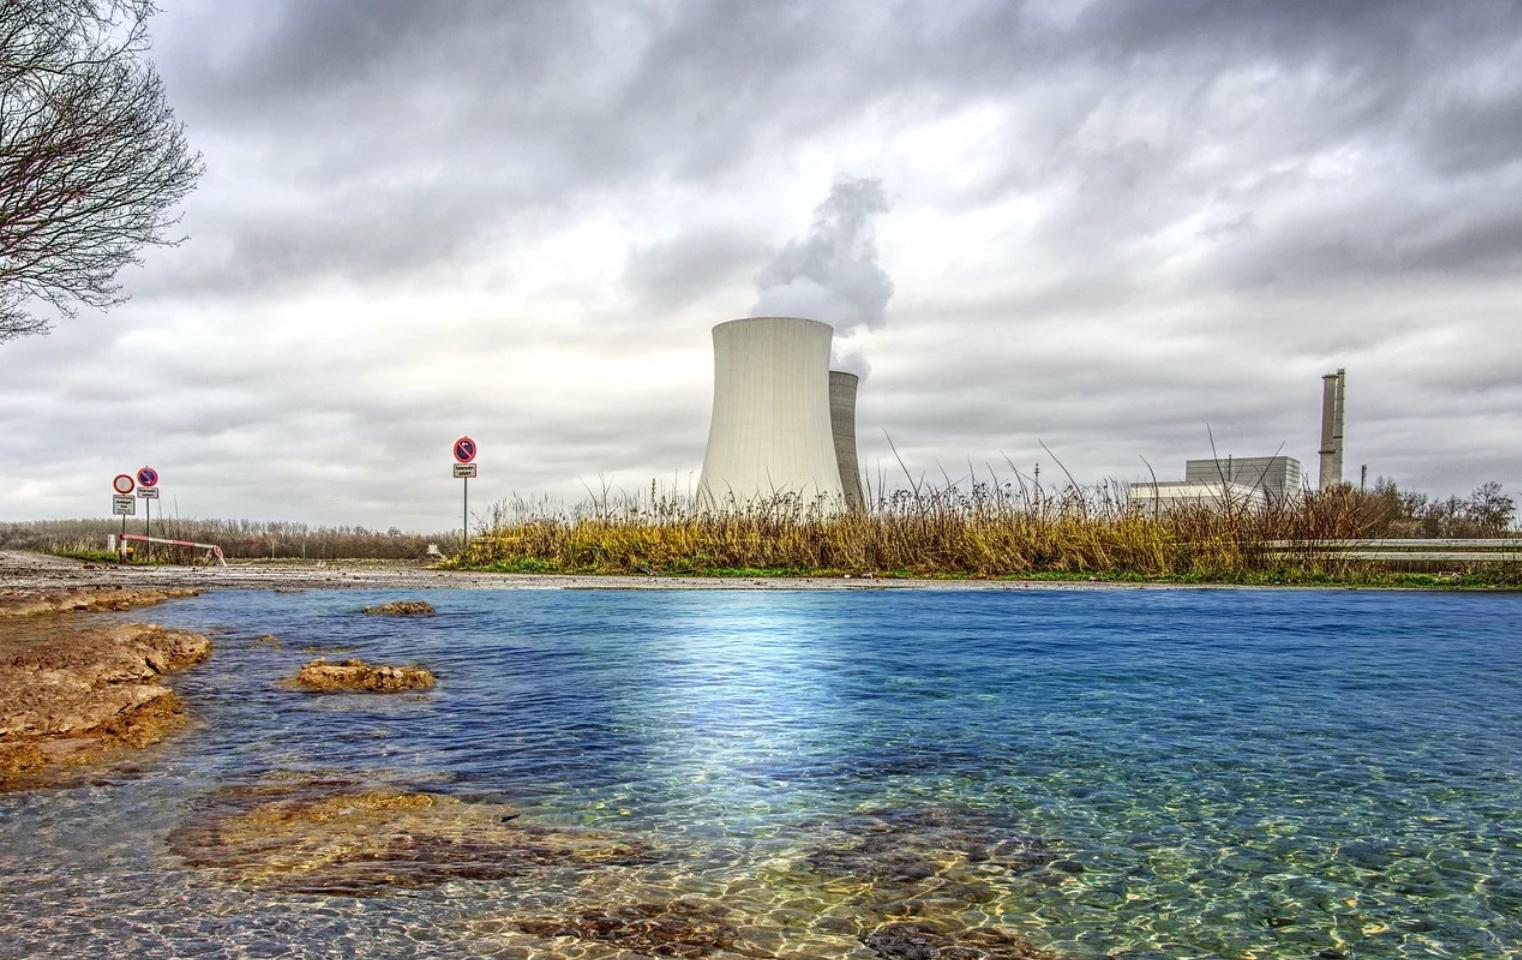 Les SMR, ces mini-centrales nucléaires qu'Emmanuel Macron veut multiplier en France